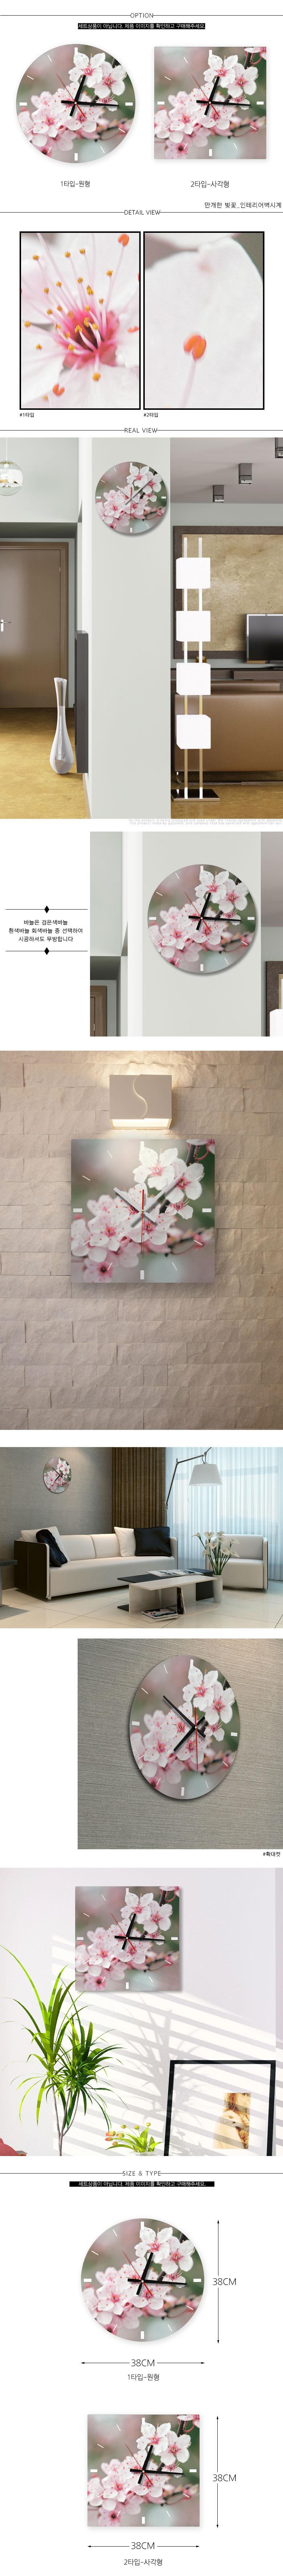 만개한벚꽃인테리어벽시계 - 꾸밈, 19,600원, 벽시계, 디자인벽시계